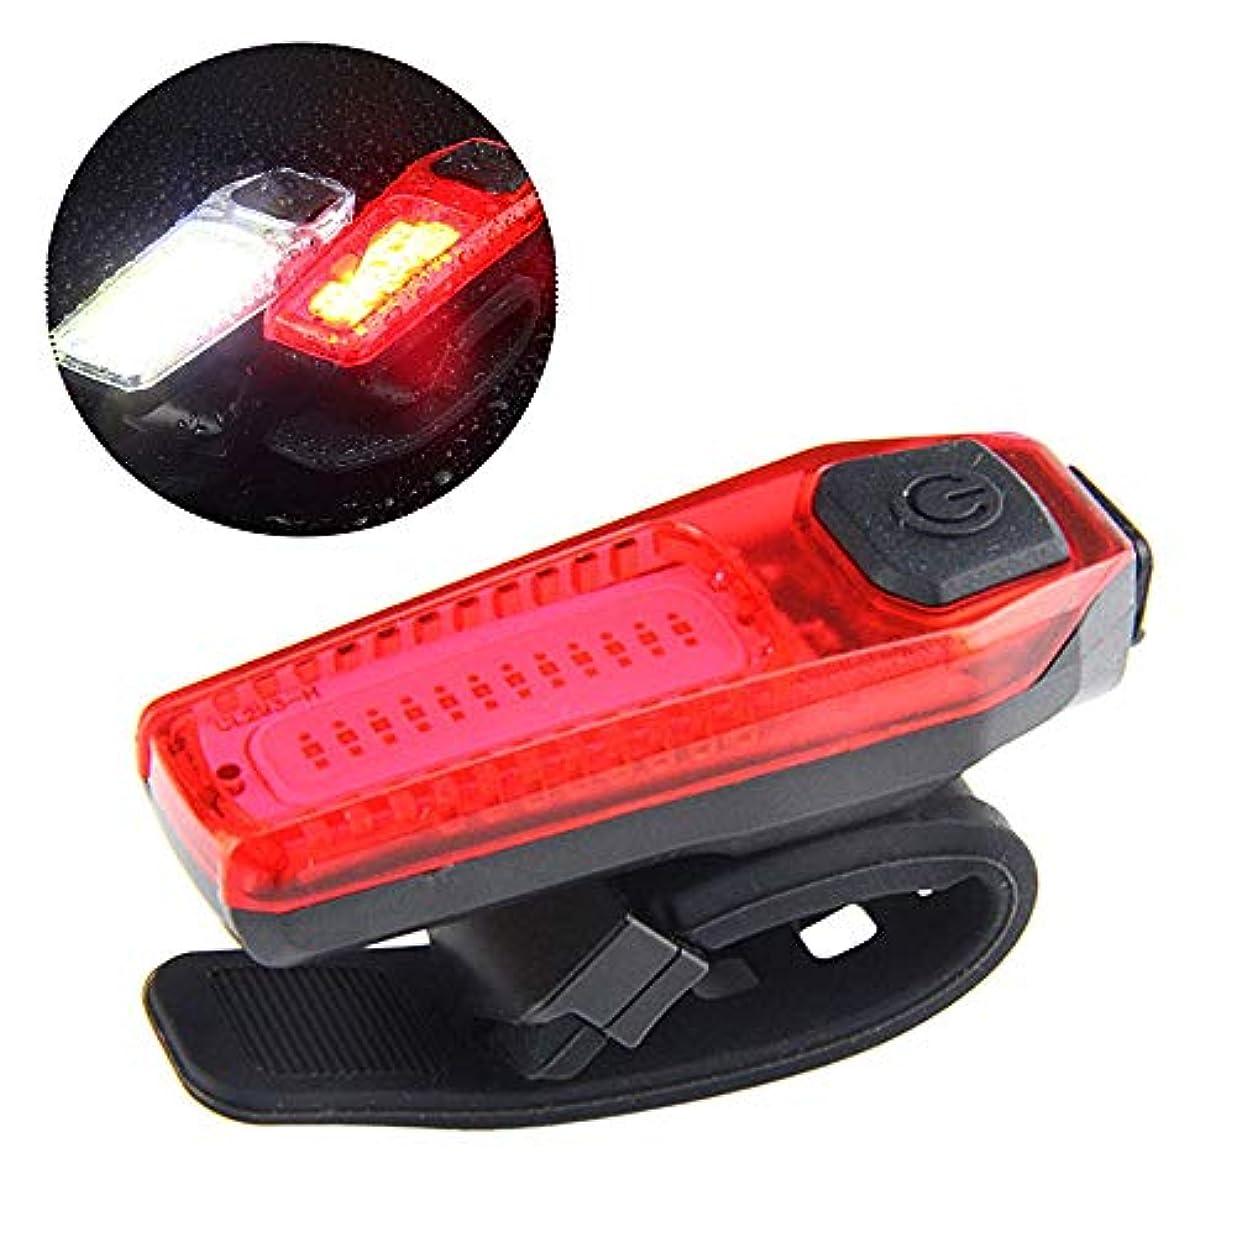 はねかける以下肥料USB充電式バイクテールライト-非常に明るいLED自転車のリアライト、パワフルな赤いバックライト付き、サイクリング安全懐中電灯-耐水性